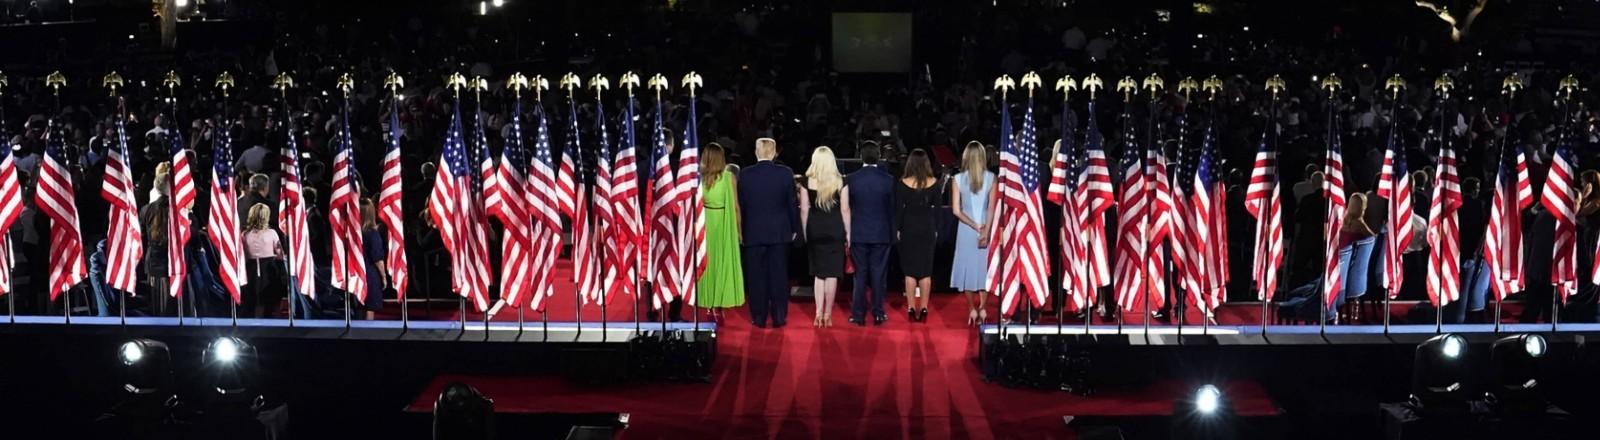 Der Nominierungsparteitag der US-Republikaner endete vor dem Weißen Haus in einem Feuerwerk.